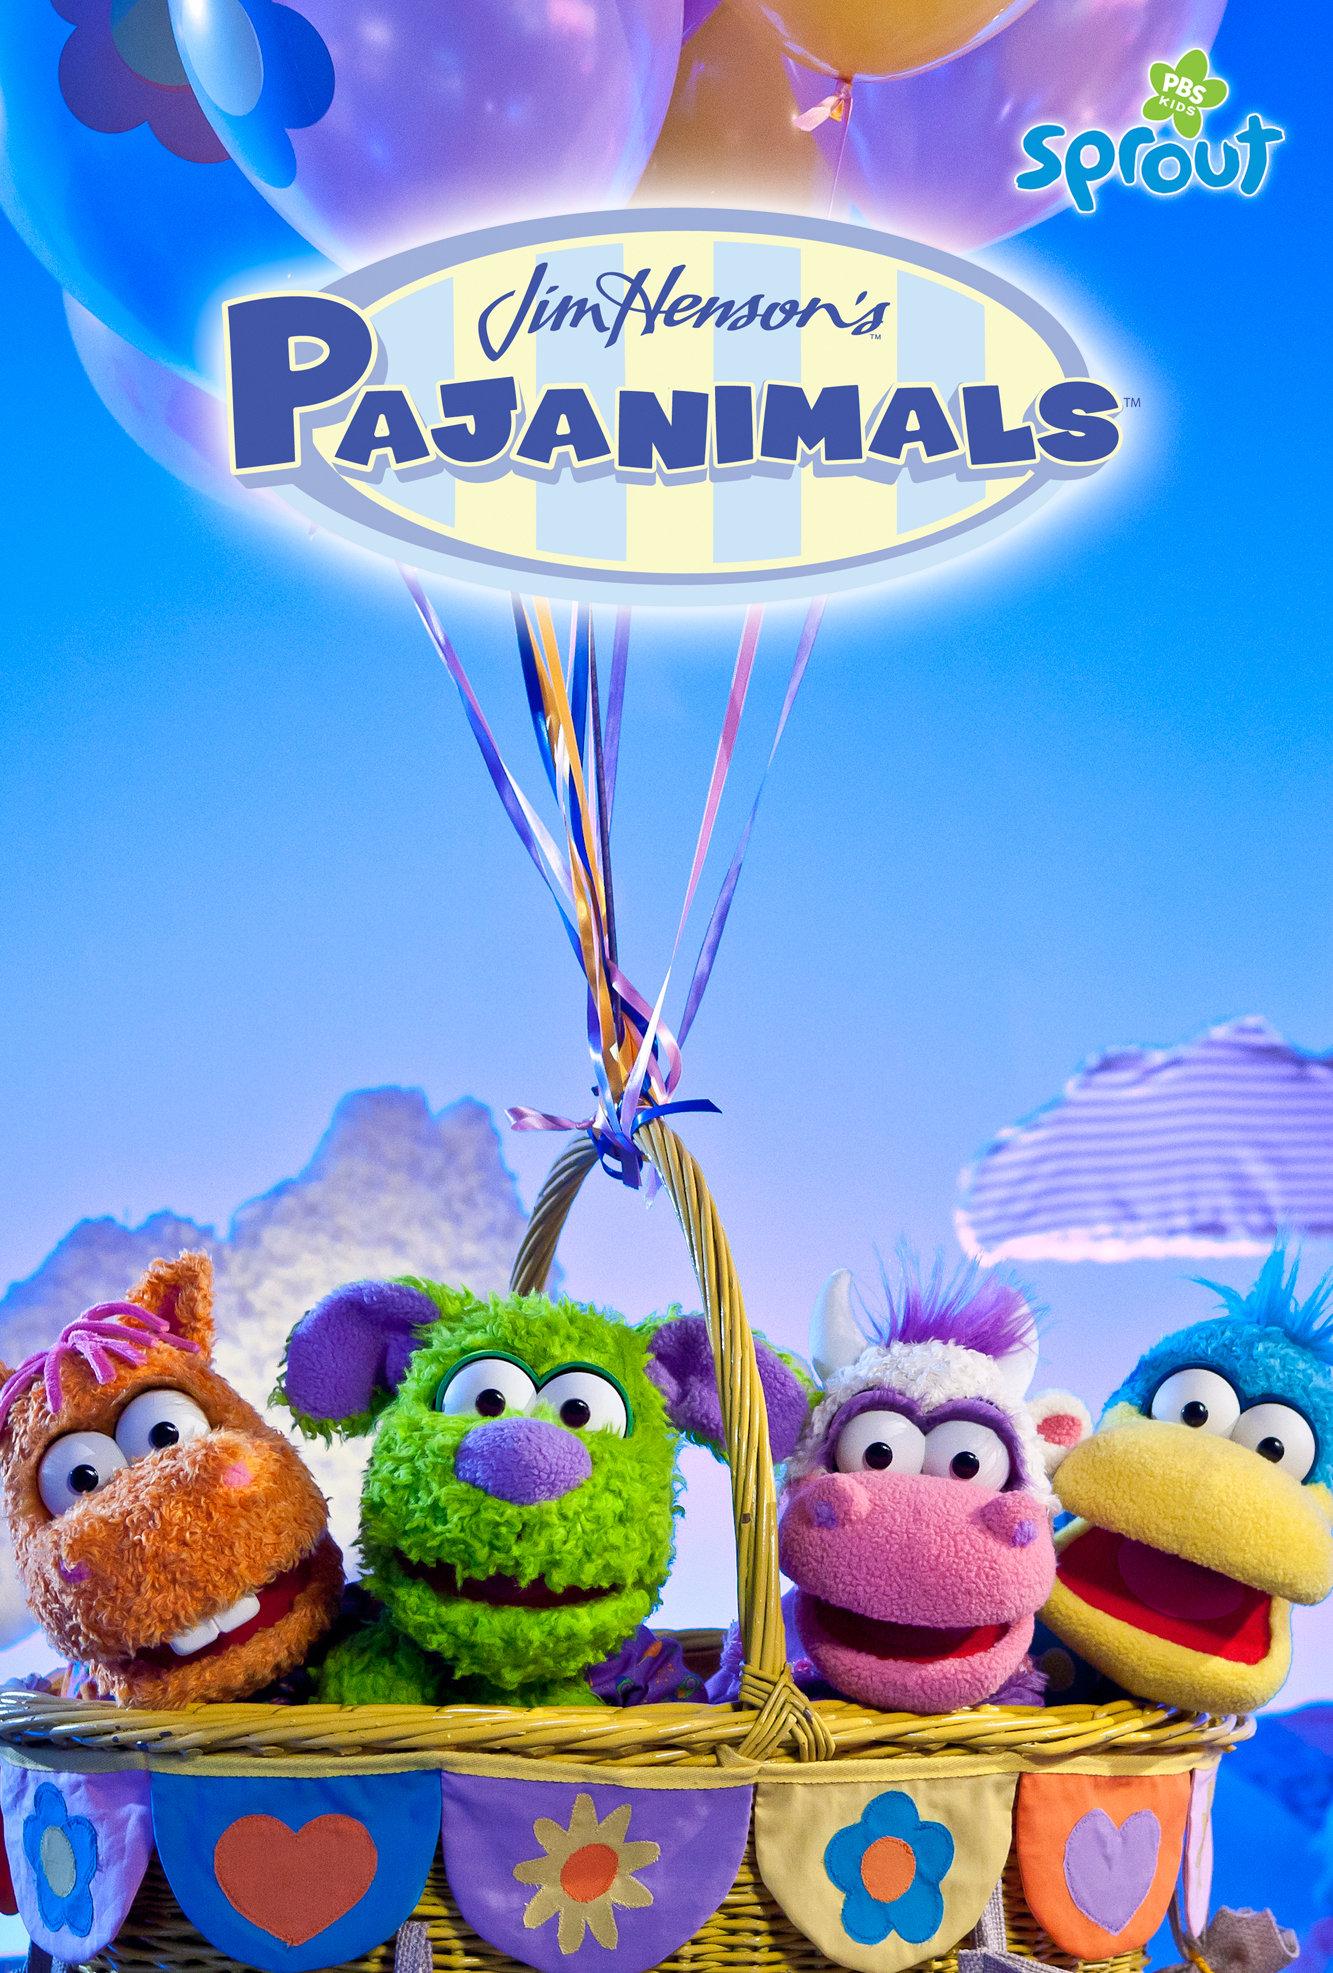 39bfe78fec Pajanimals (TV Series 2008– ) - IMDb